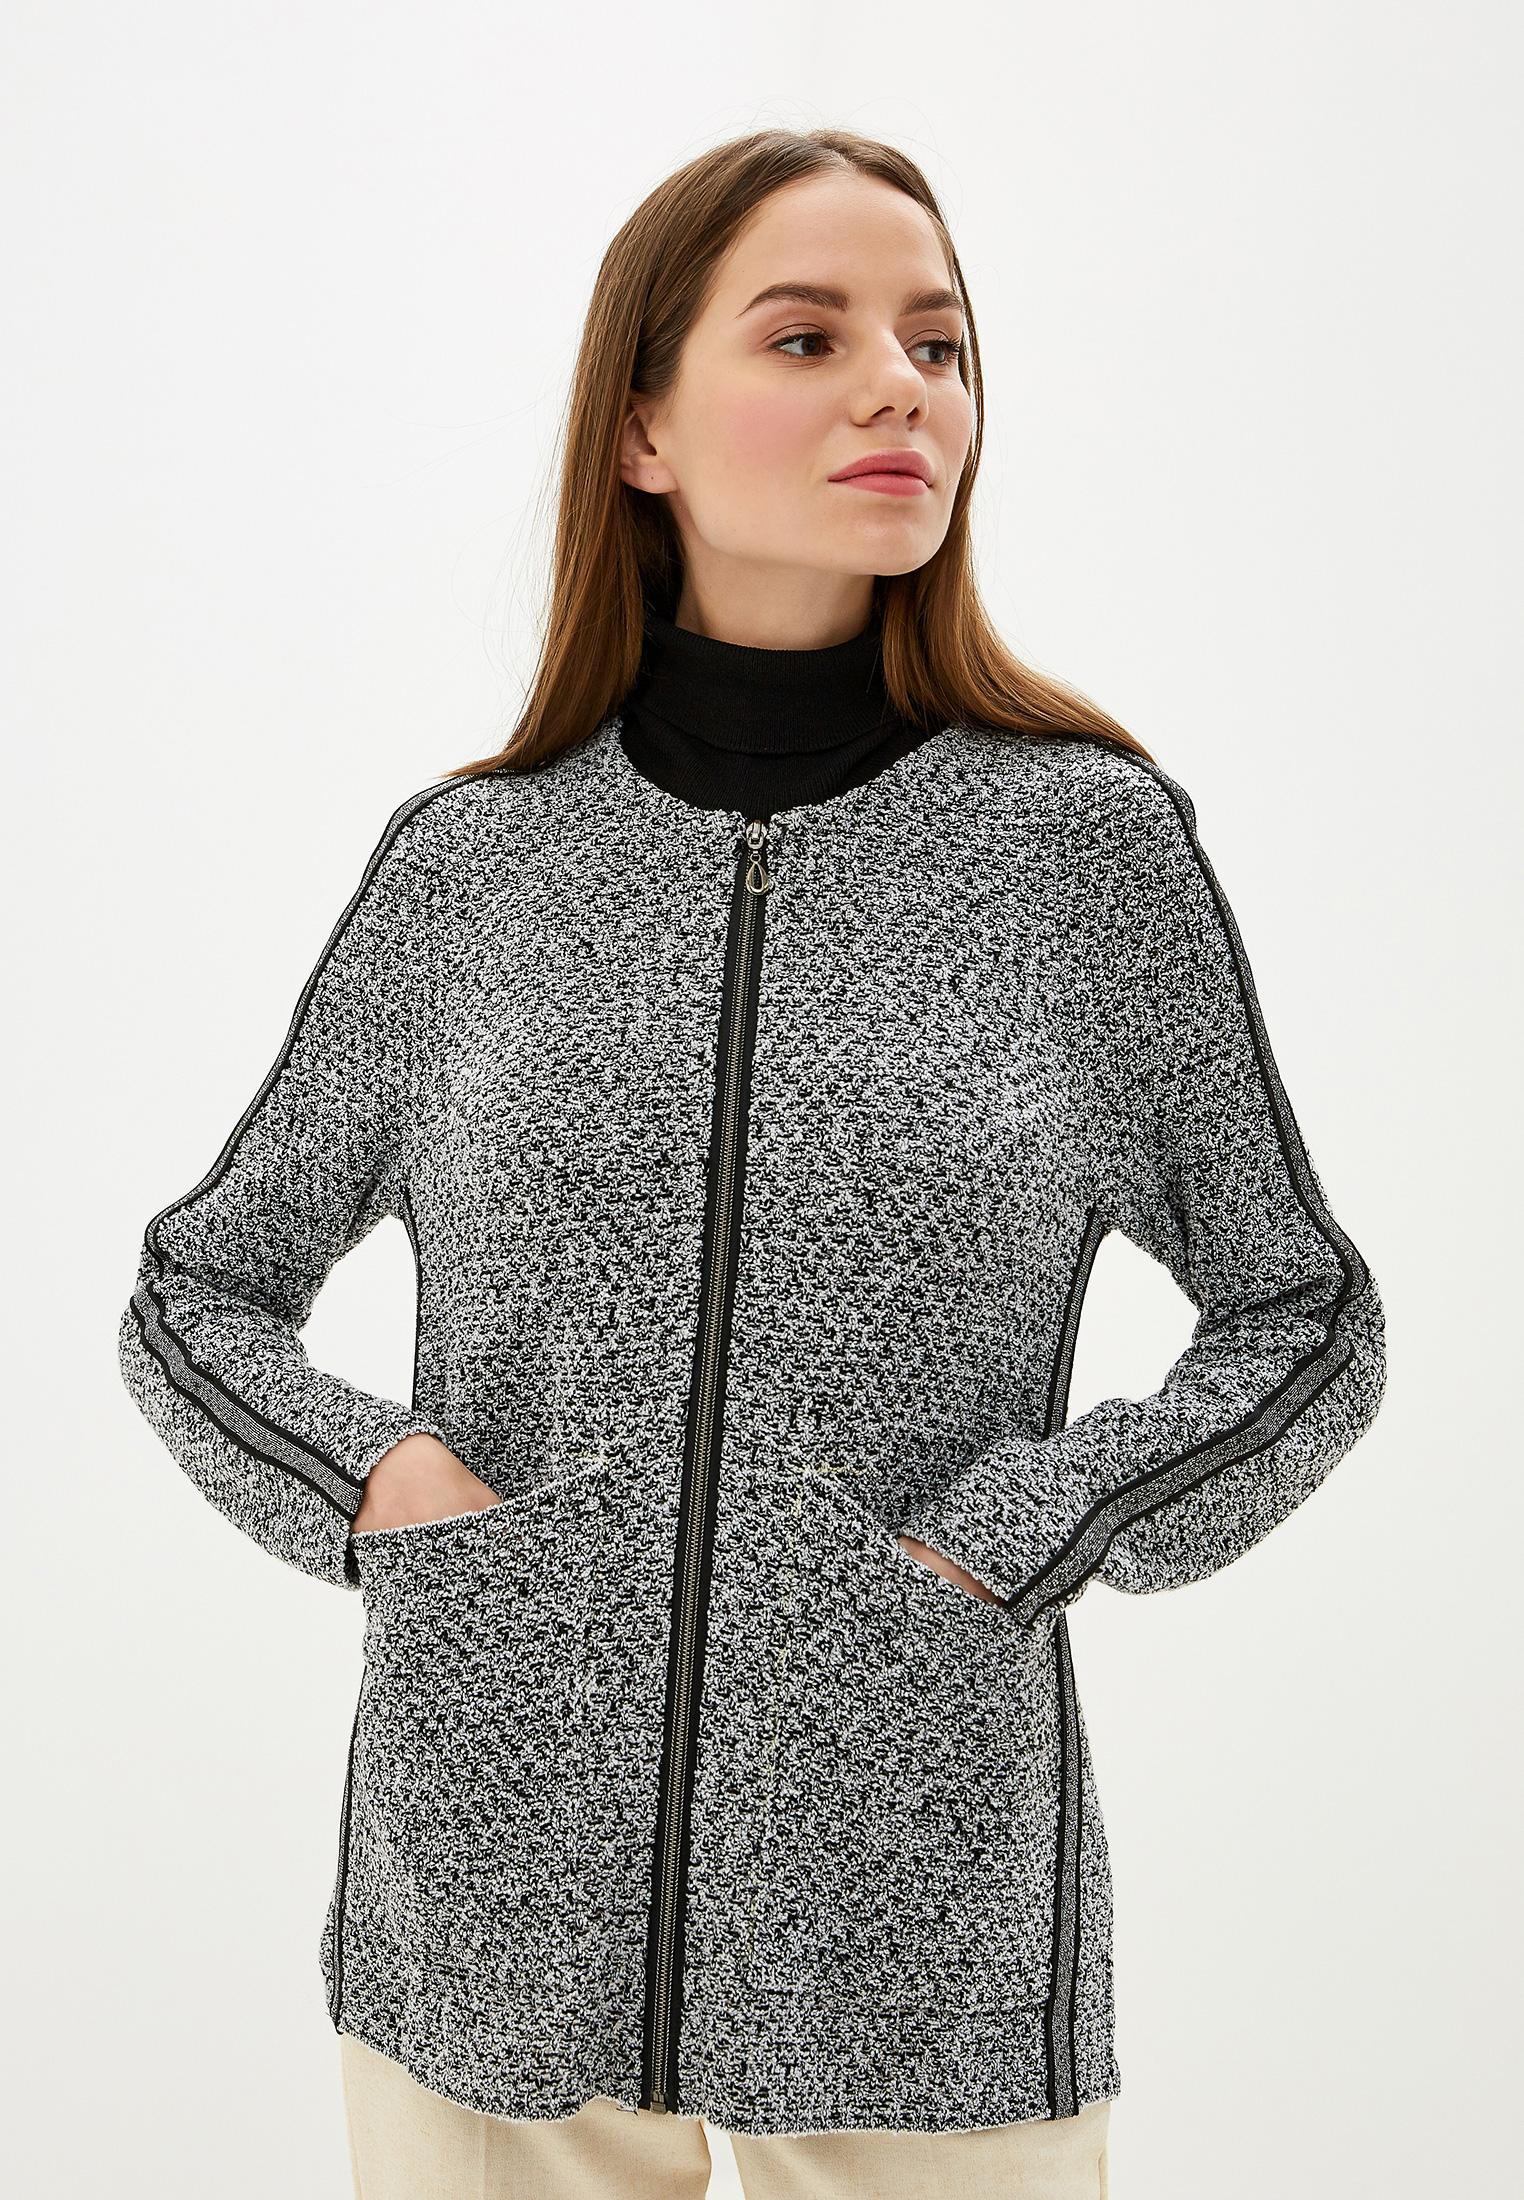 Кардиган Milana Style № 0013